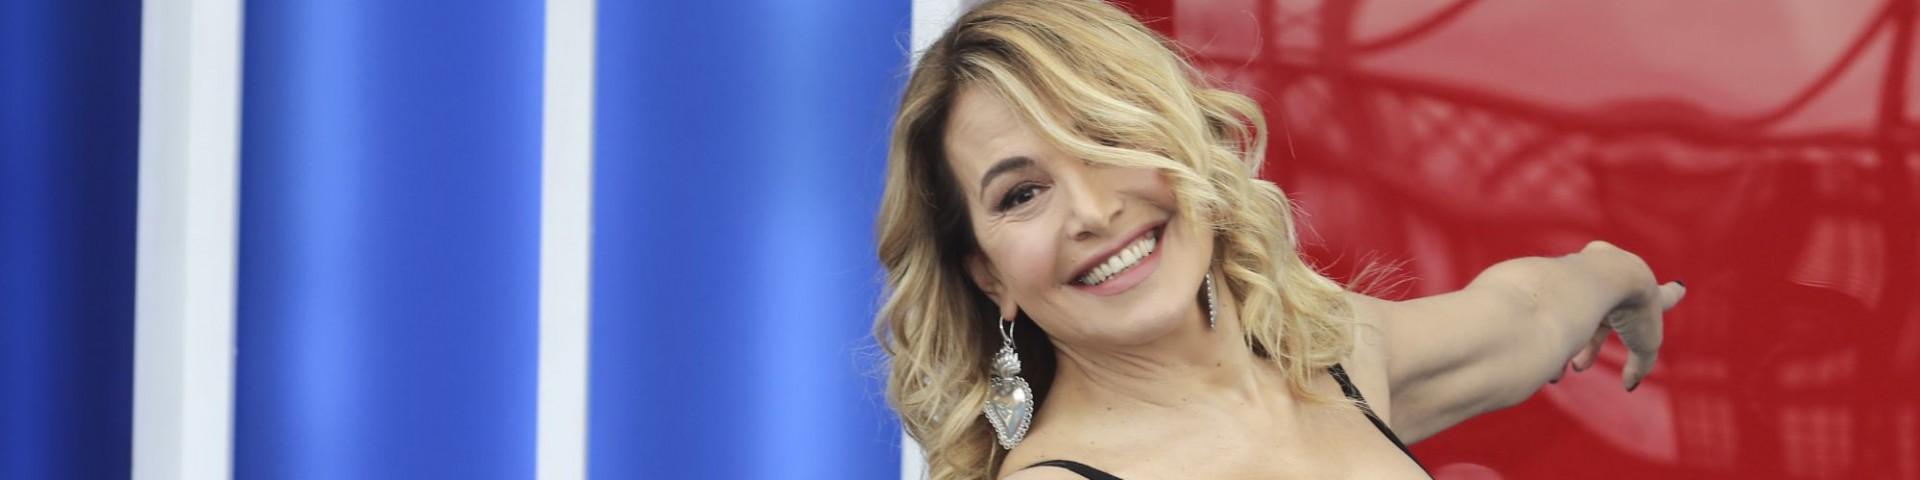 Stasera in tv - 23 aprile: dal Grande Fratello a The Voice of Italy, tutti i programmi